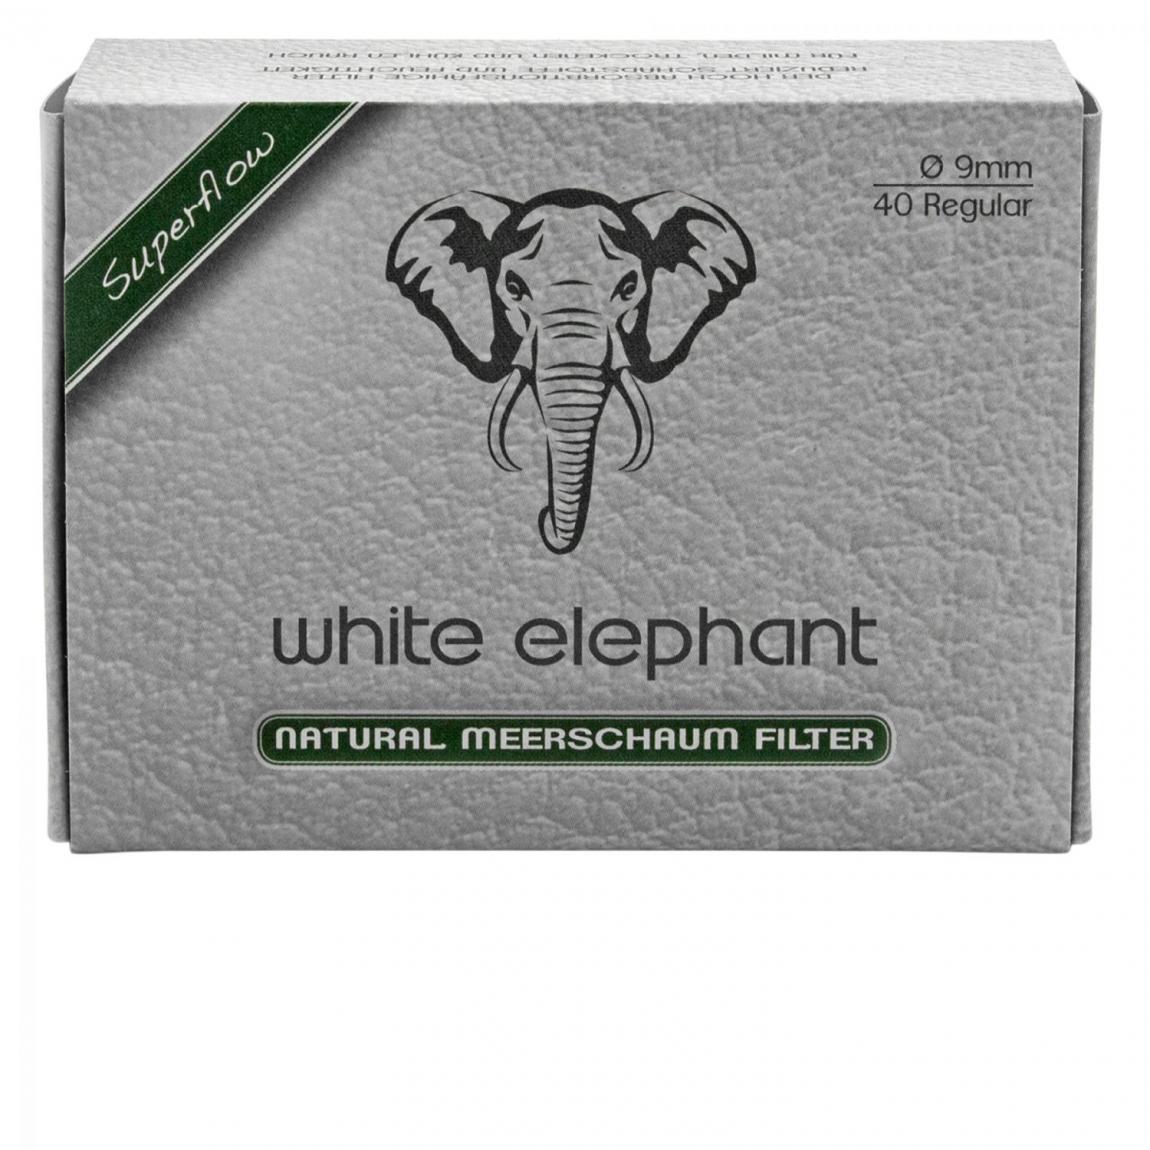 white elephant Natur-Meerschaum-Filter 9mm, 10x40 Stück